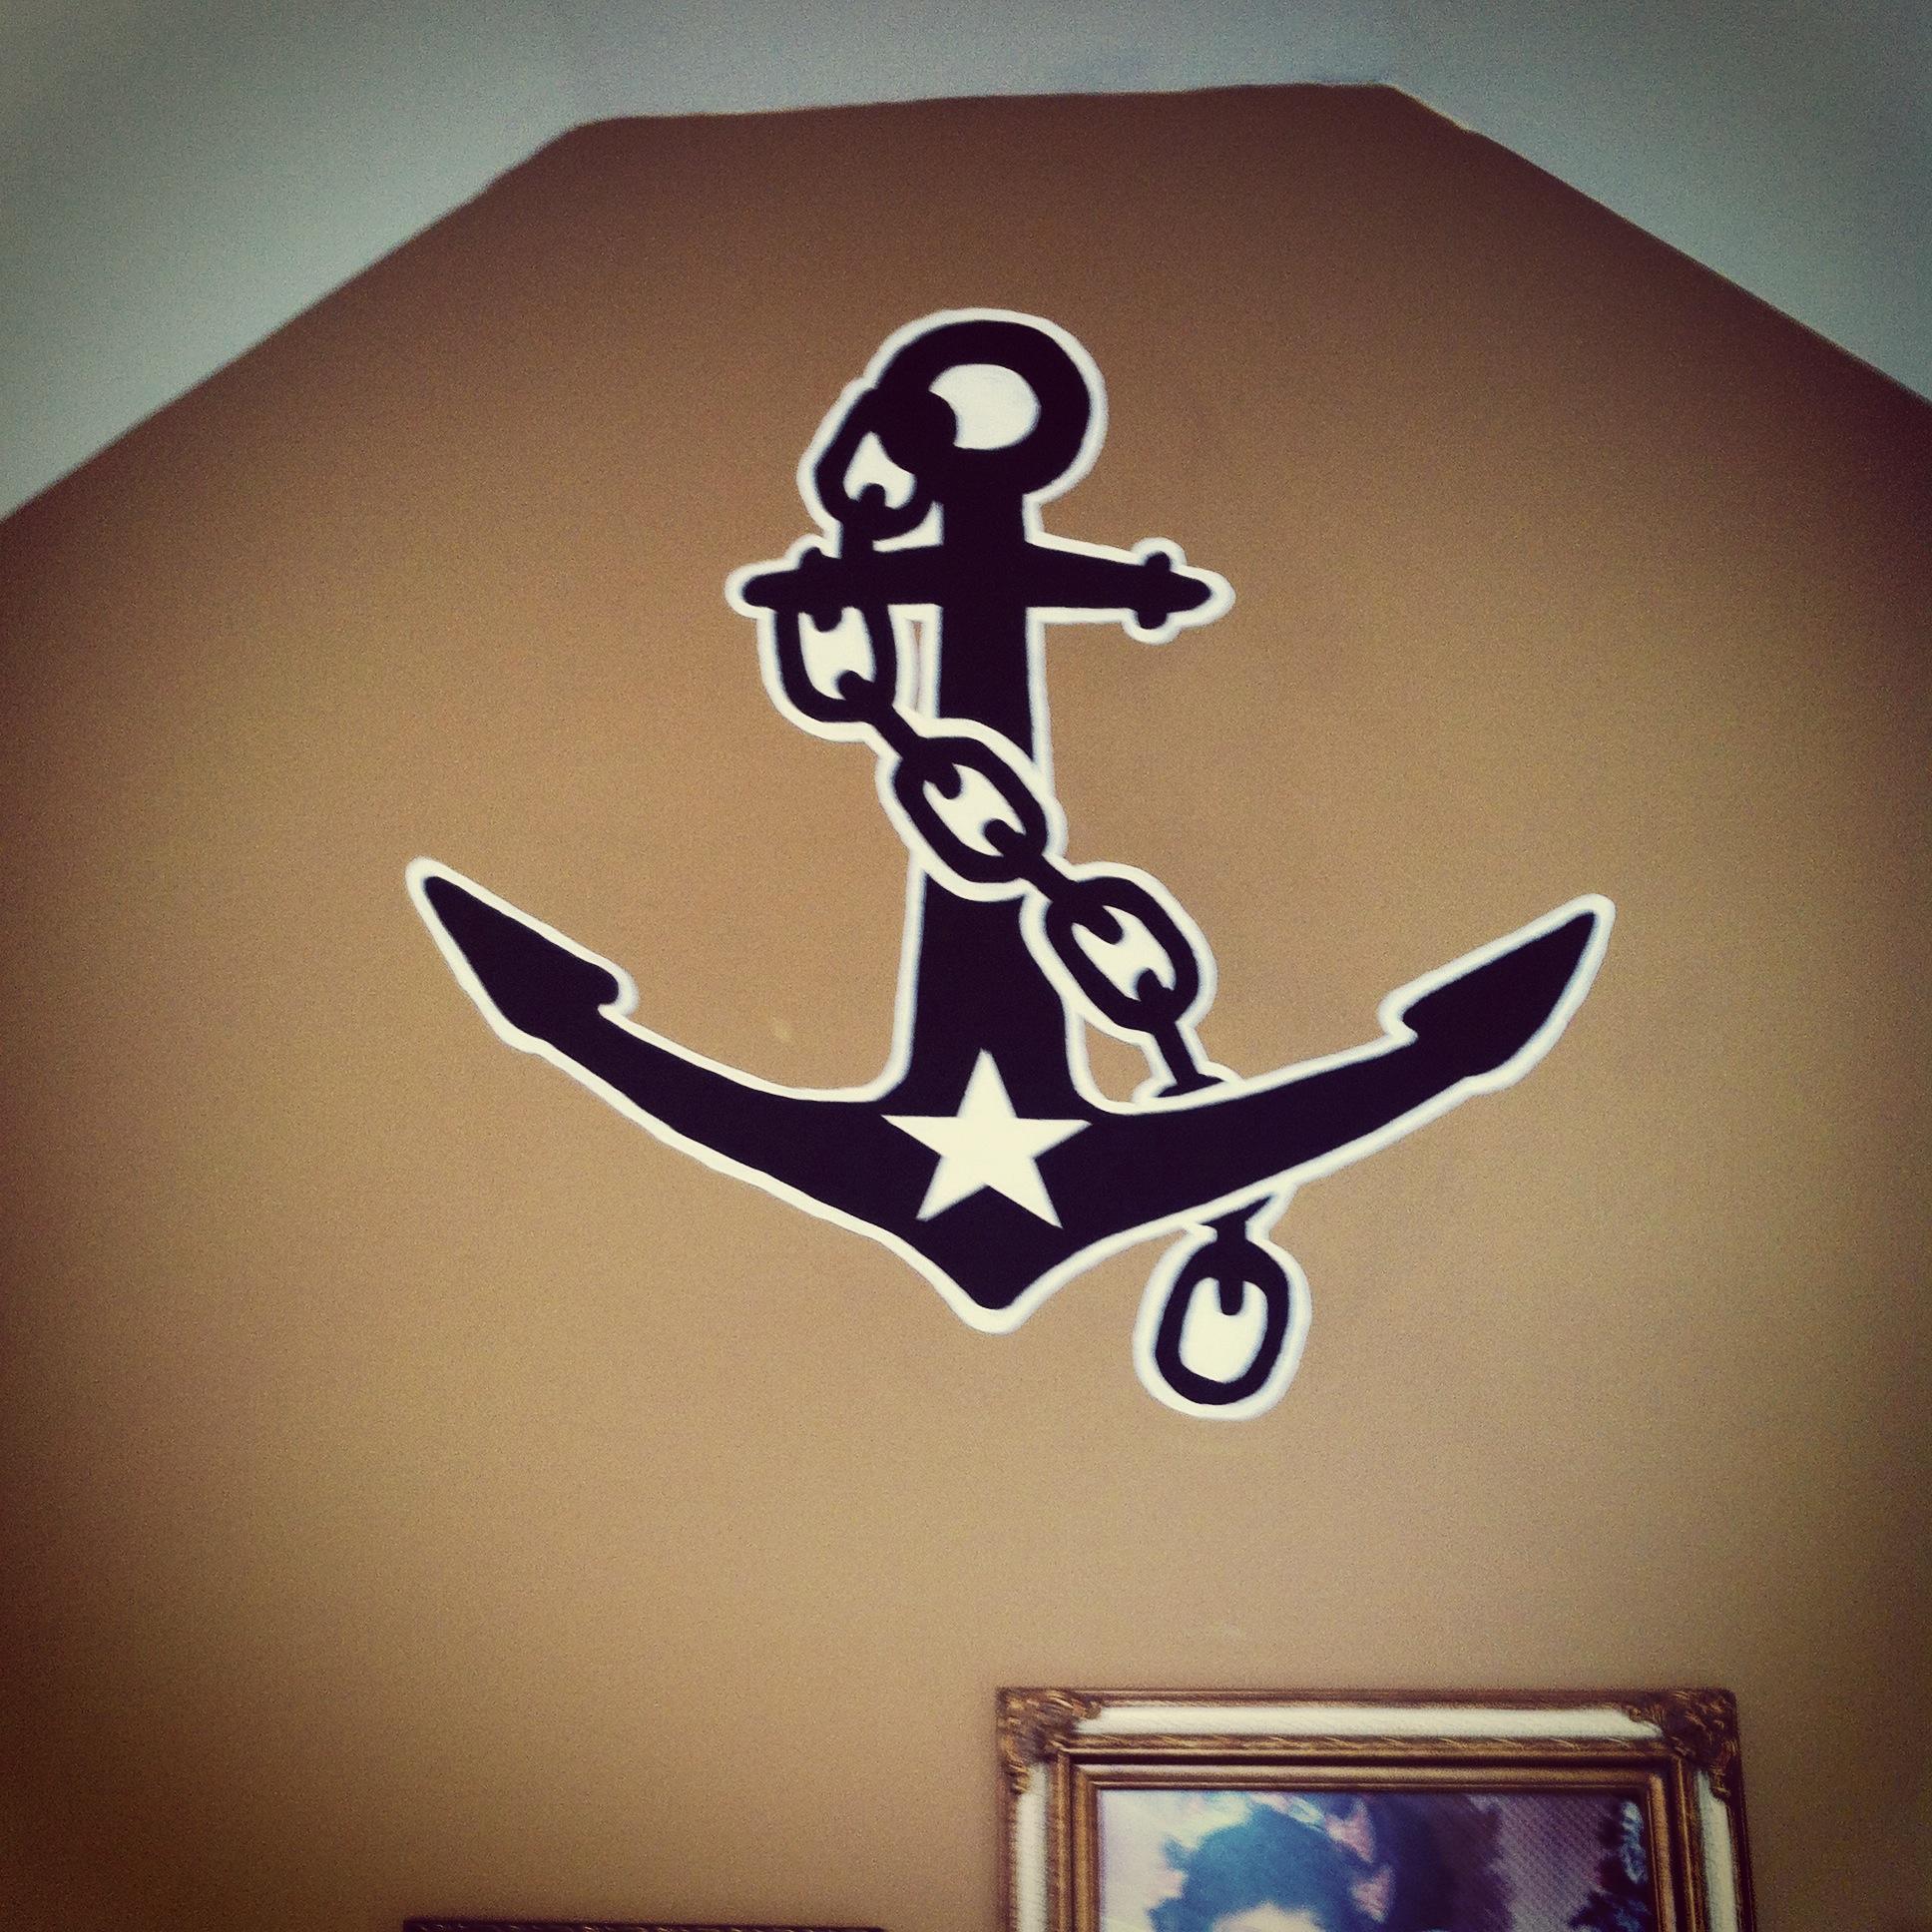 Anchor Down!